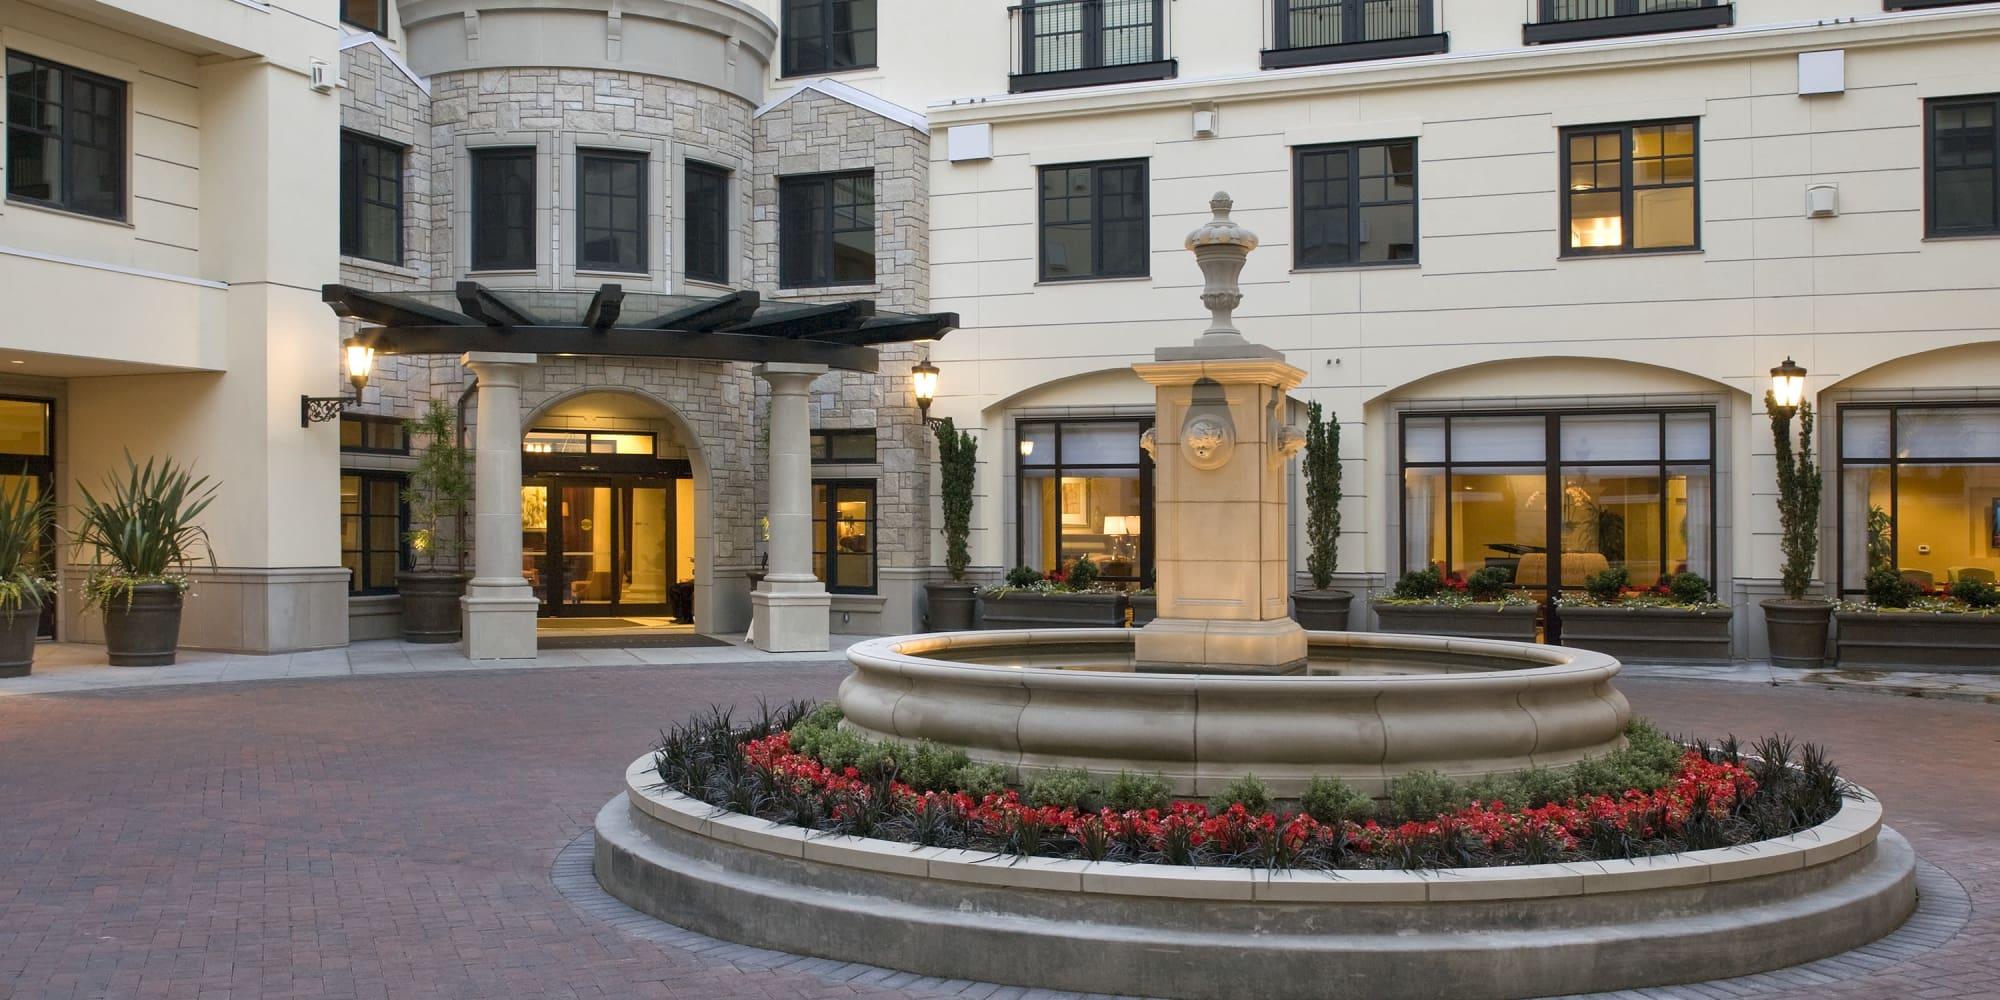 The Bellettini in Bellevue, Washington